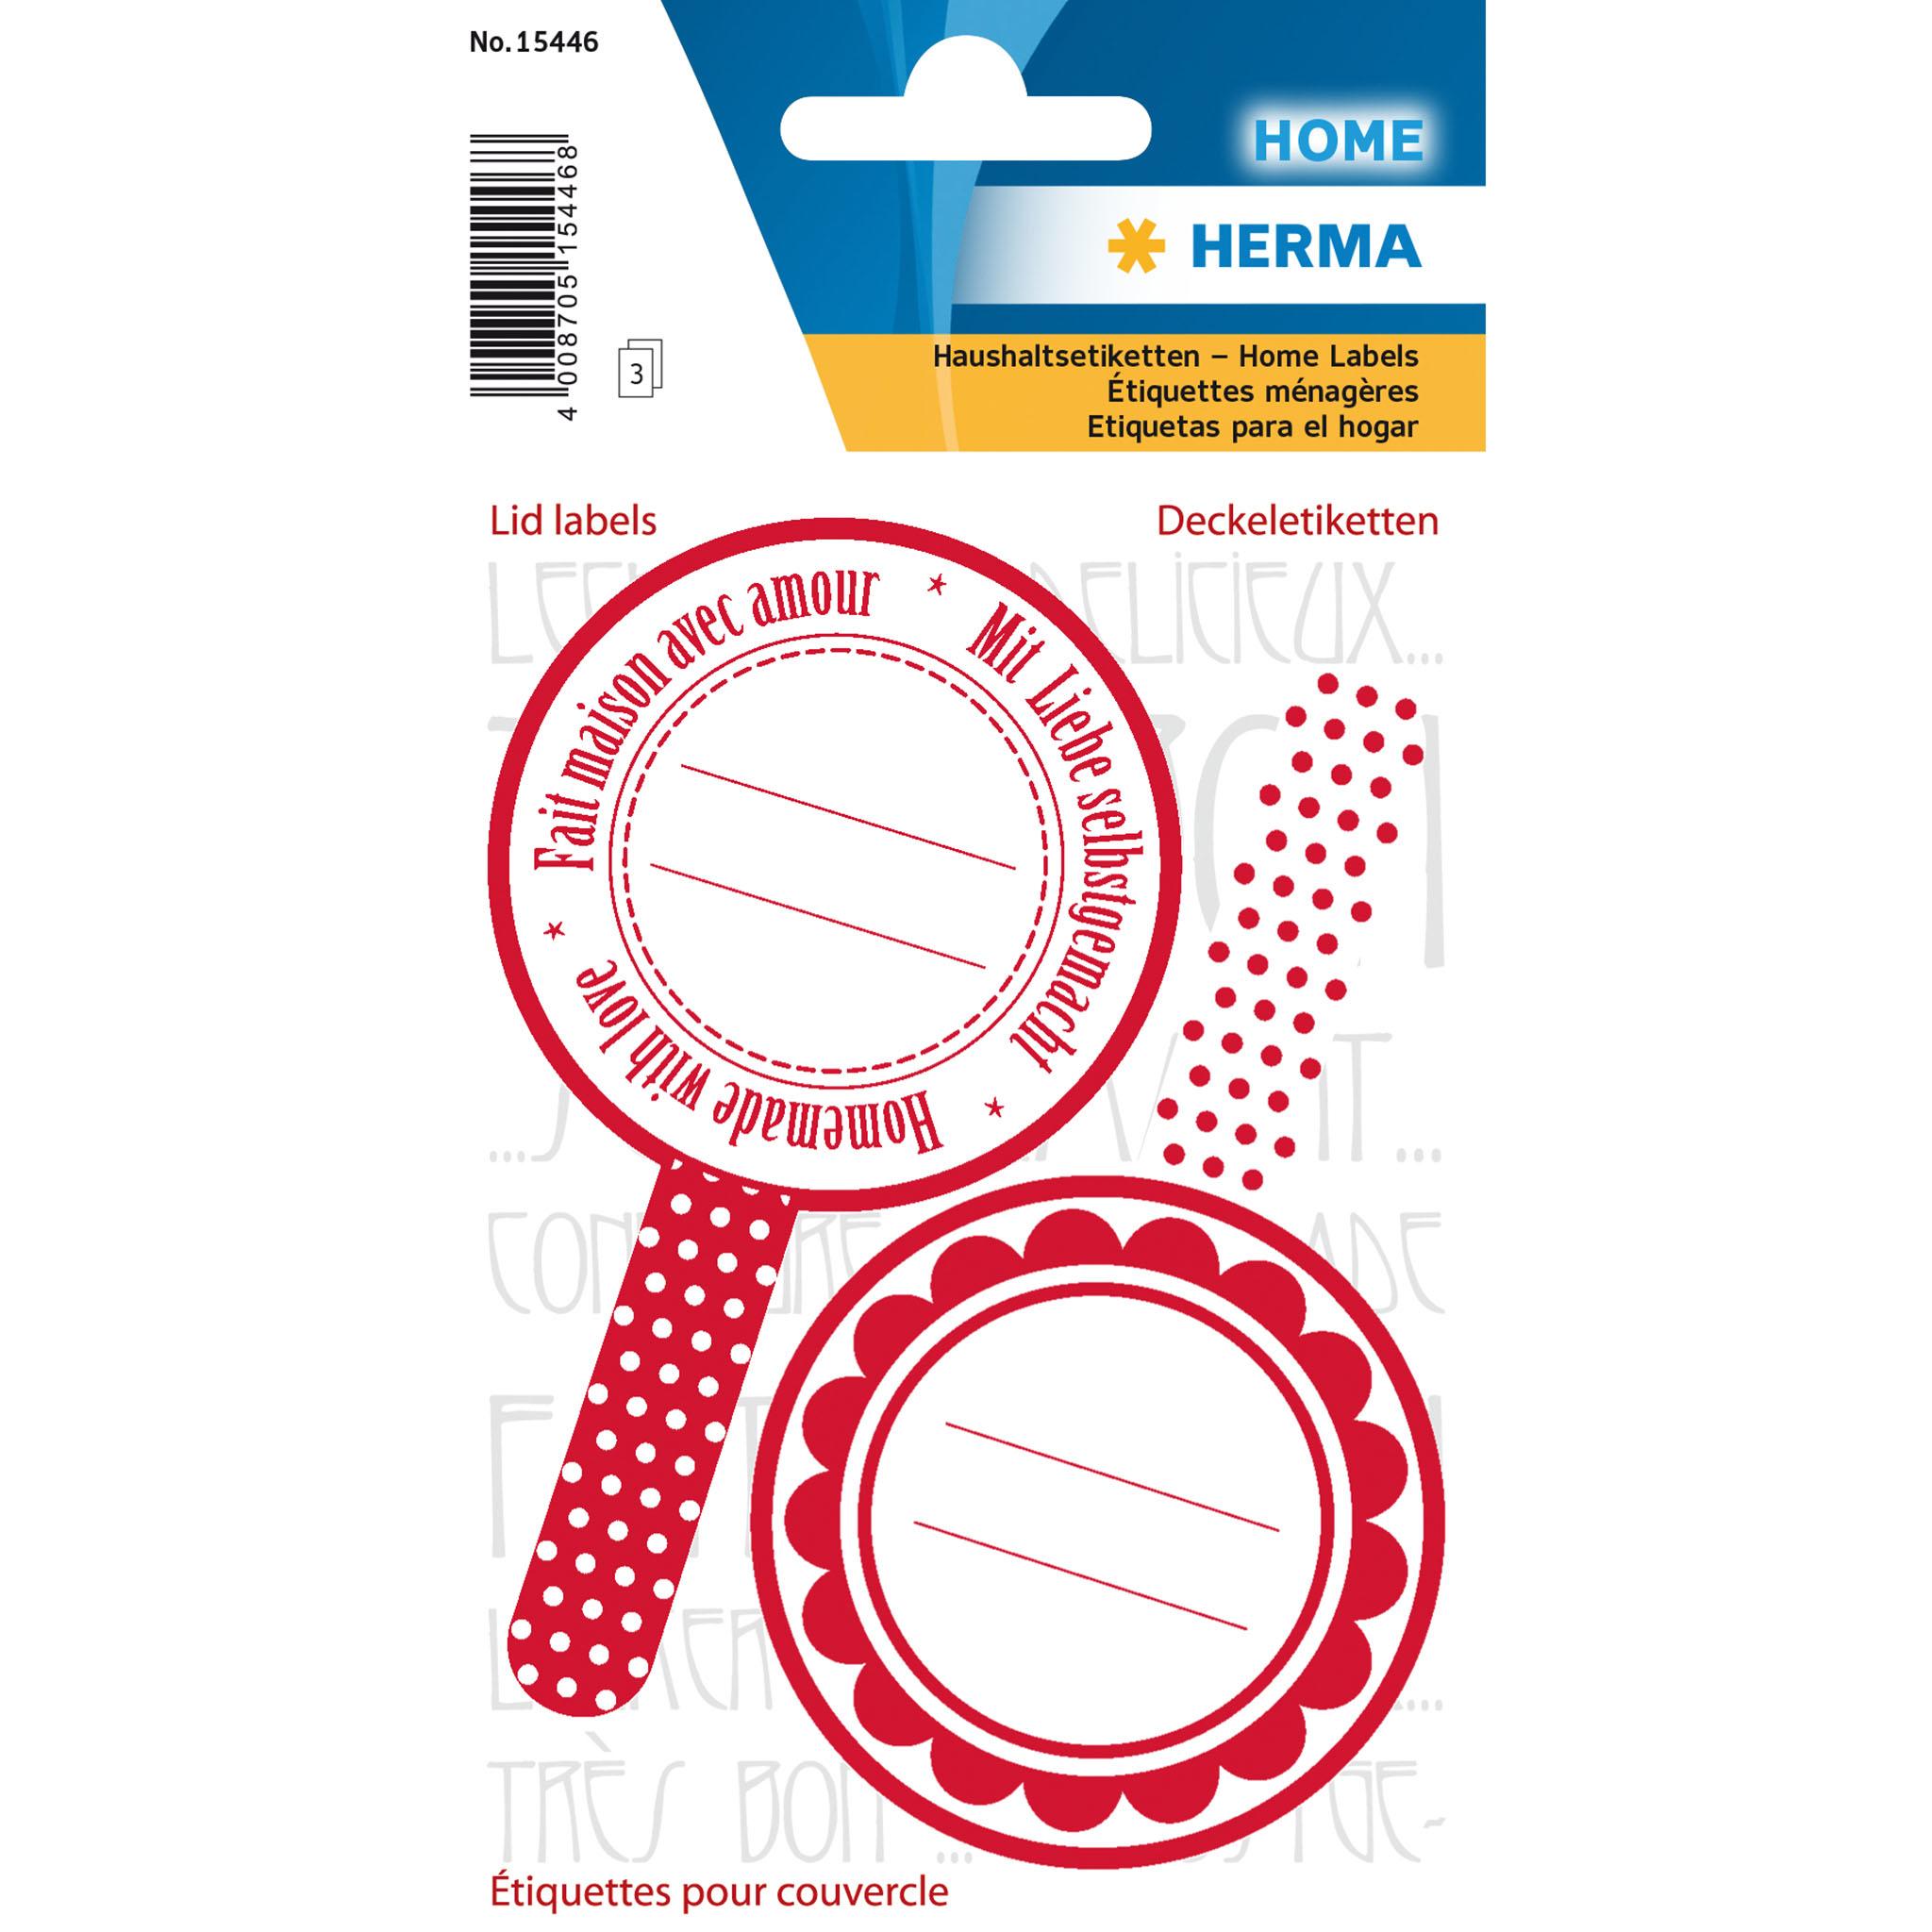 HERMA 15446 - Rot - Weiß - Dauerhaft - Papier - 6 Stück(e) - 2 Stück(e) - 3 Blätter